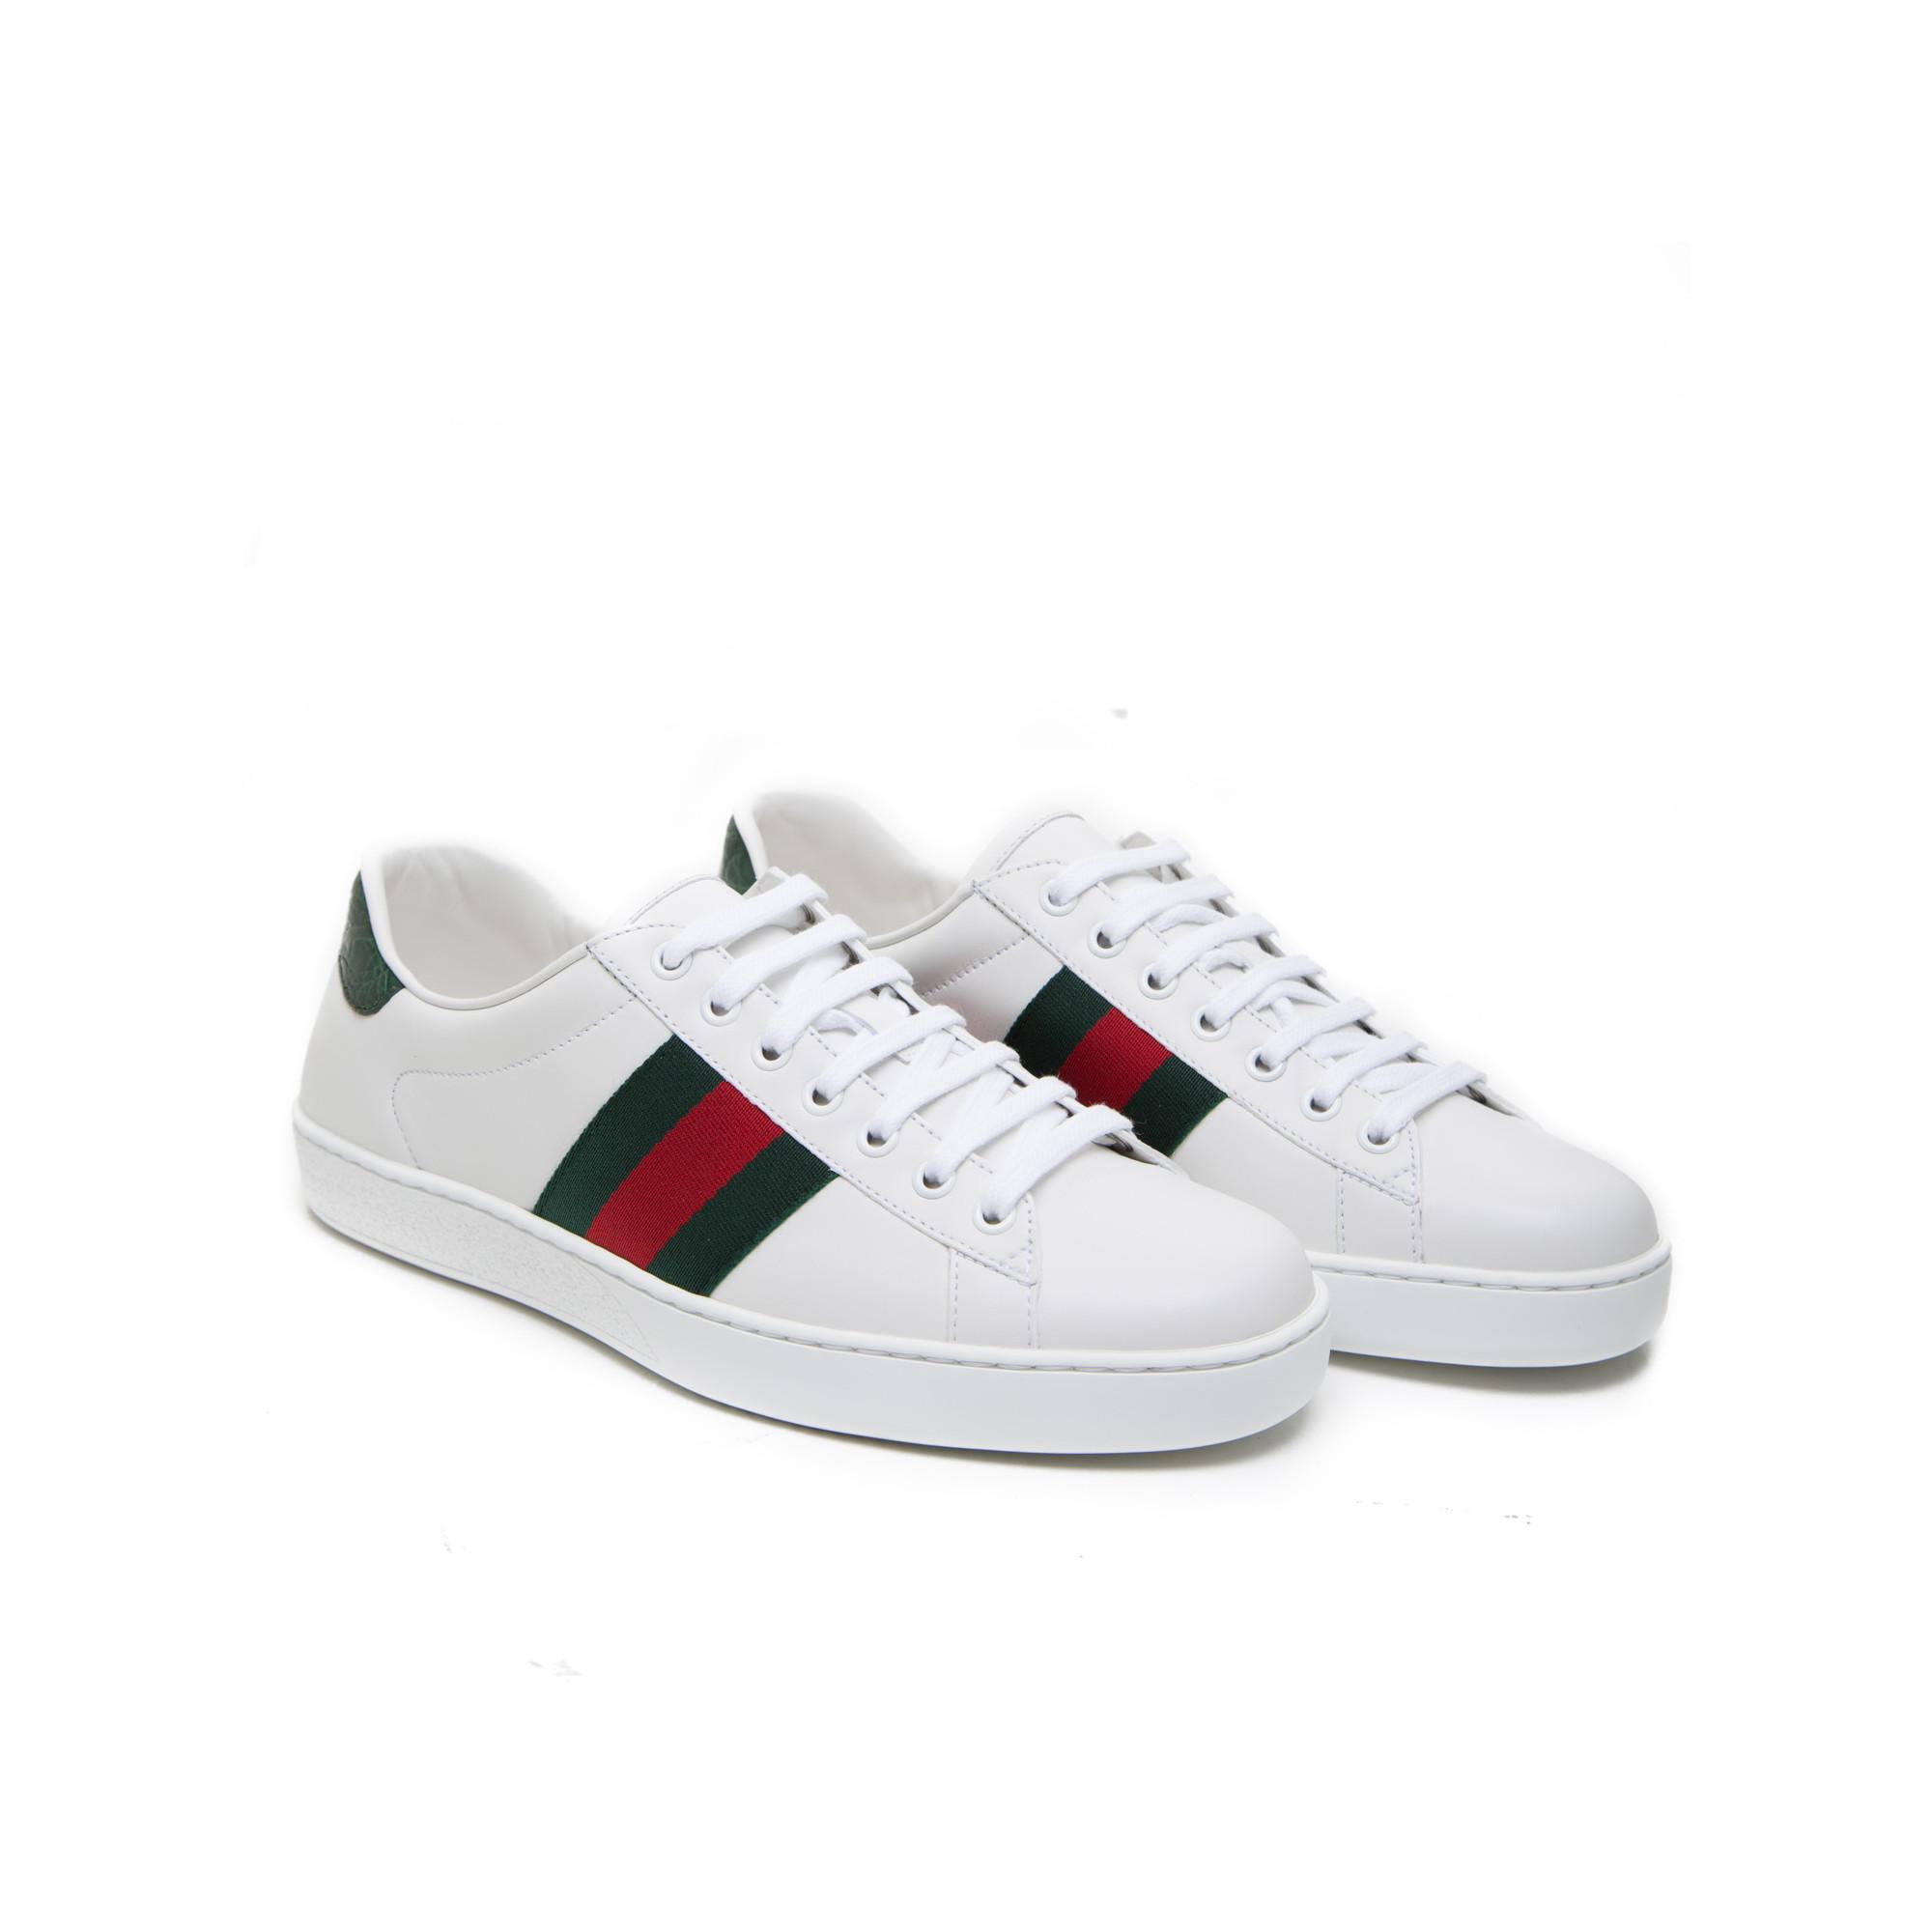 Chaussures Gucci Blanc Pour Femmes fBImv